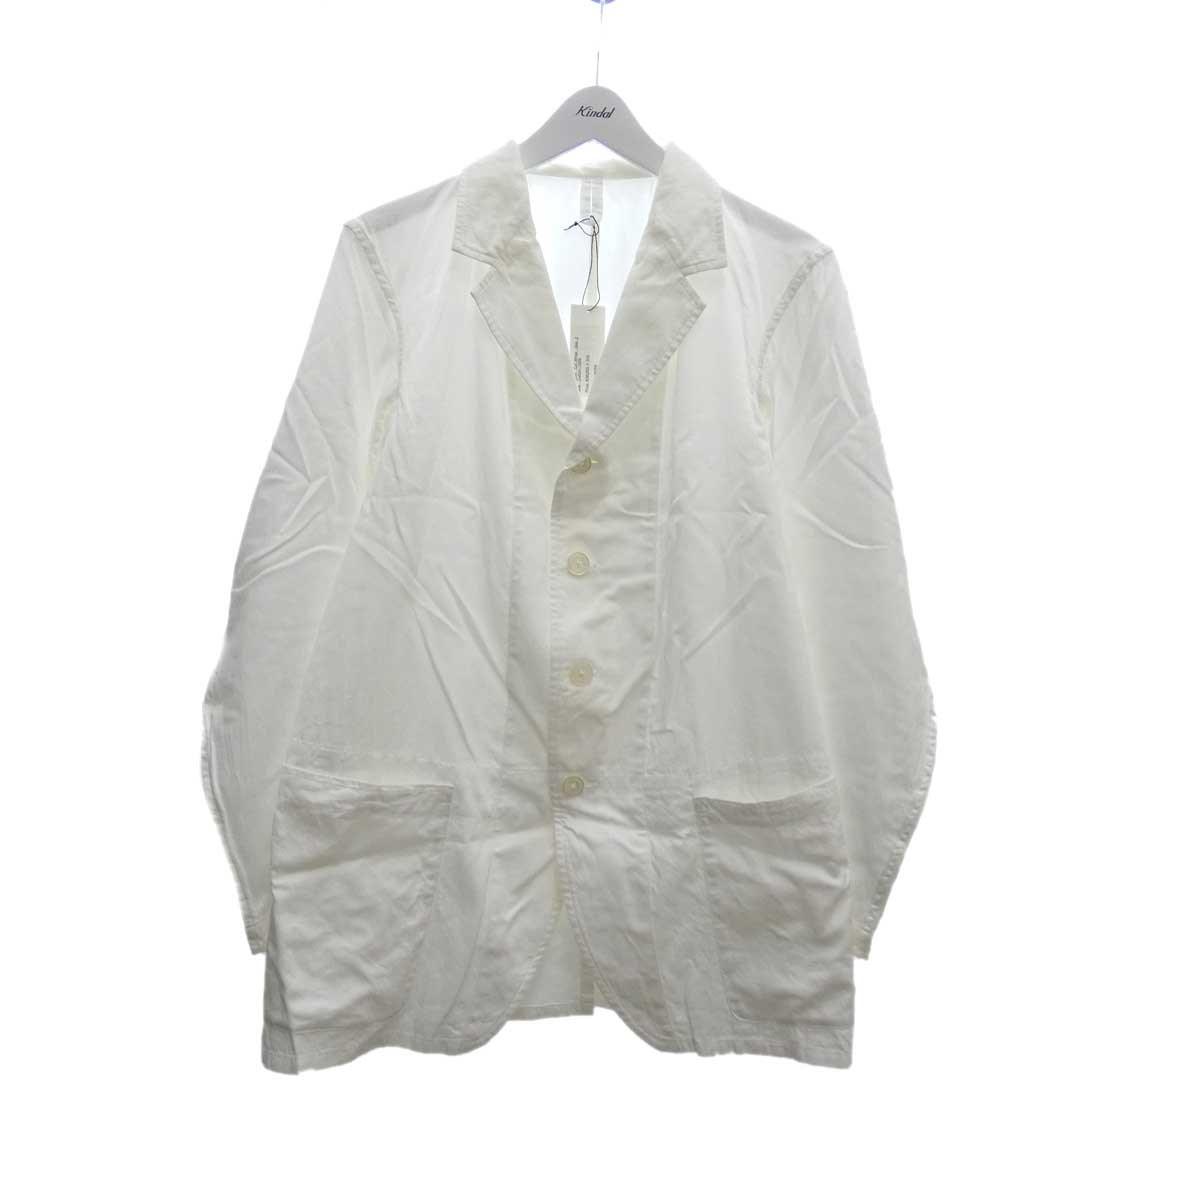 【中古】MAINU コットンジャケット ホワイト サイズ:2 【140720】(マイヌ)